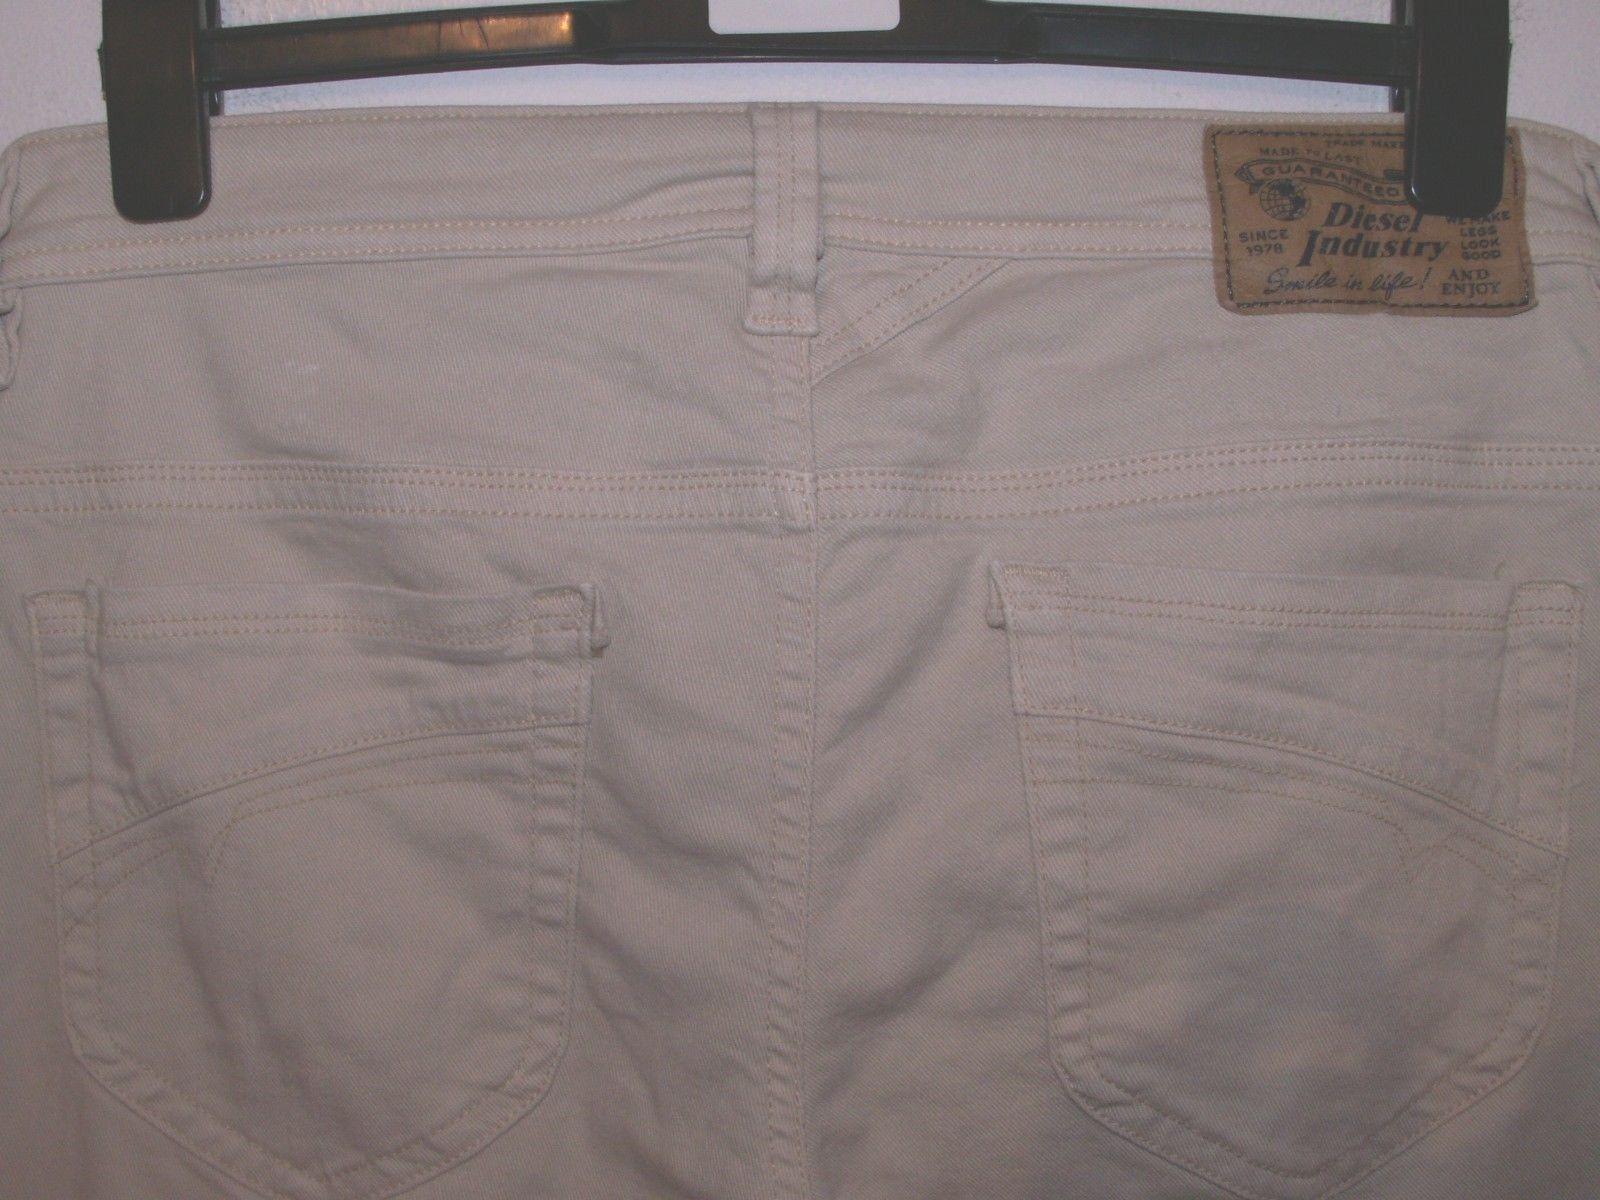 Diesel thanaz slim-skinny fit jeans wash 0RW66 stretch W32 L32 (a3355)  | Einfach zu bedienen  | München Online Shop  | Günstige Bestellung